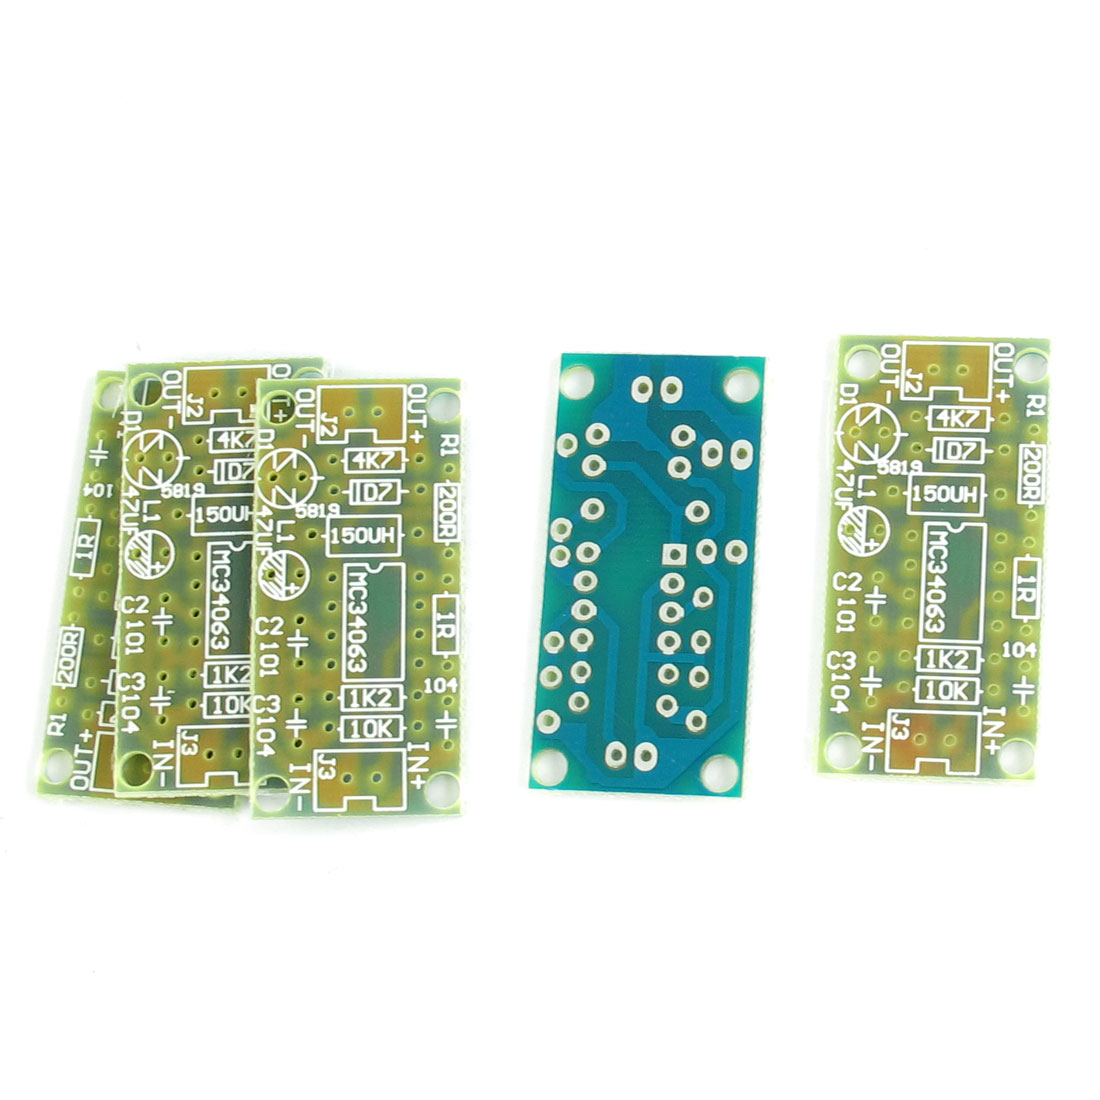 5 Pcs 40mm x 20mm DC/DC 3V 5V 12V Voltage Regulator Booster Module PCB Blank Board MC34063